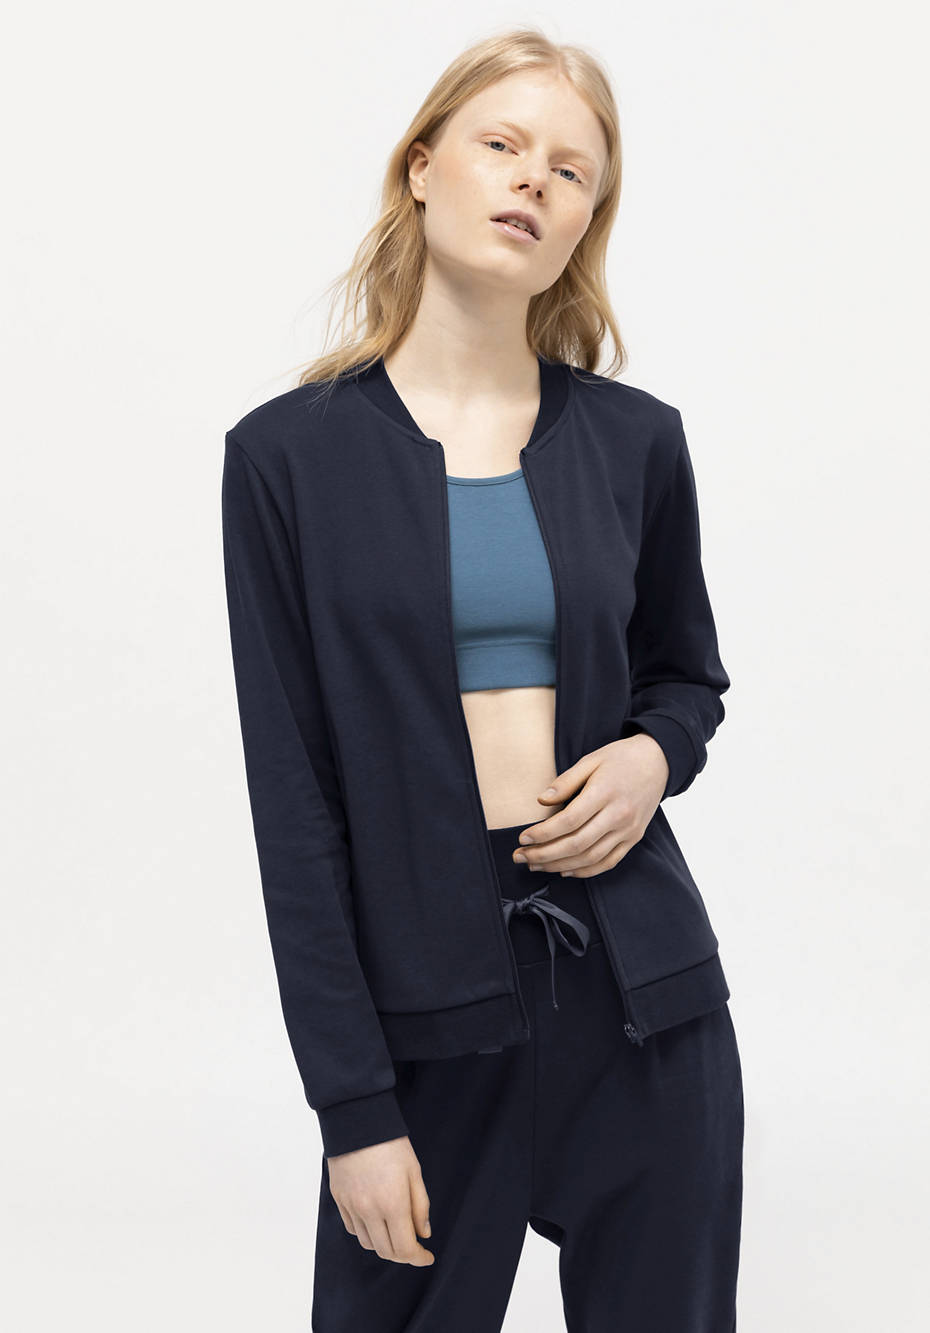 Blouson-Jacke aus reiner Bio-Baumwolle